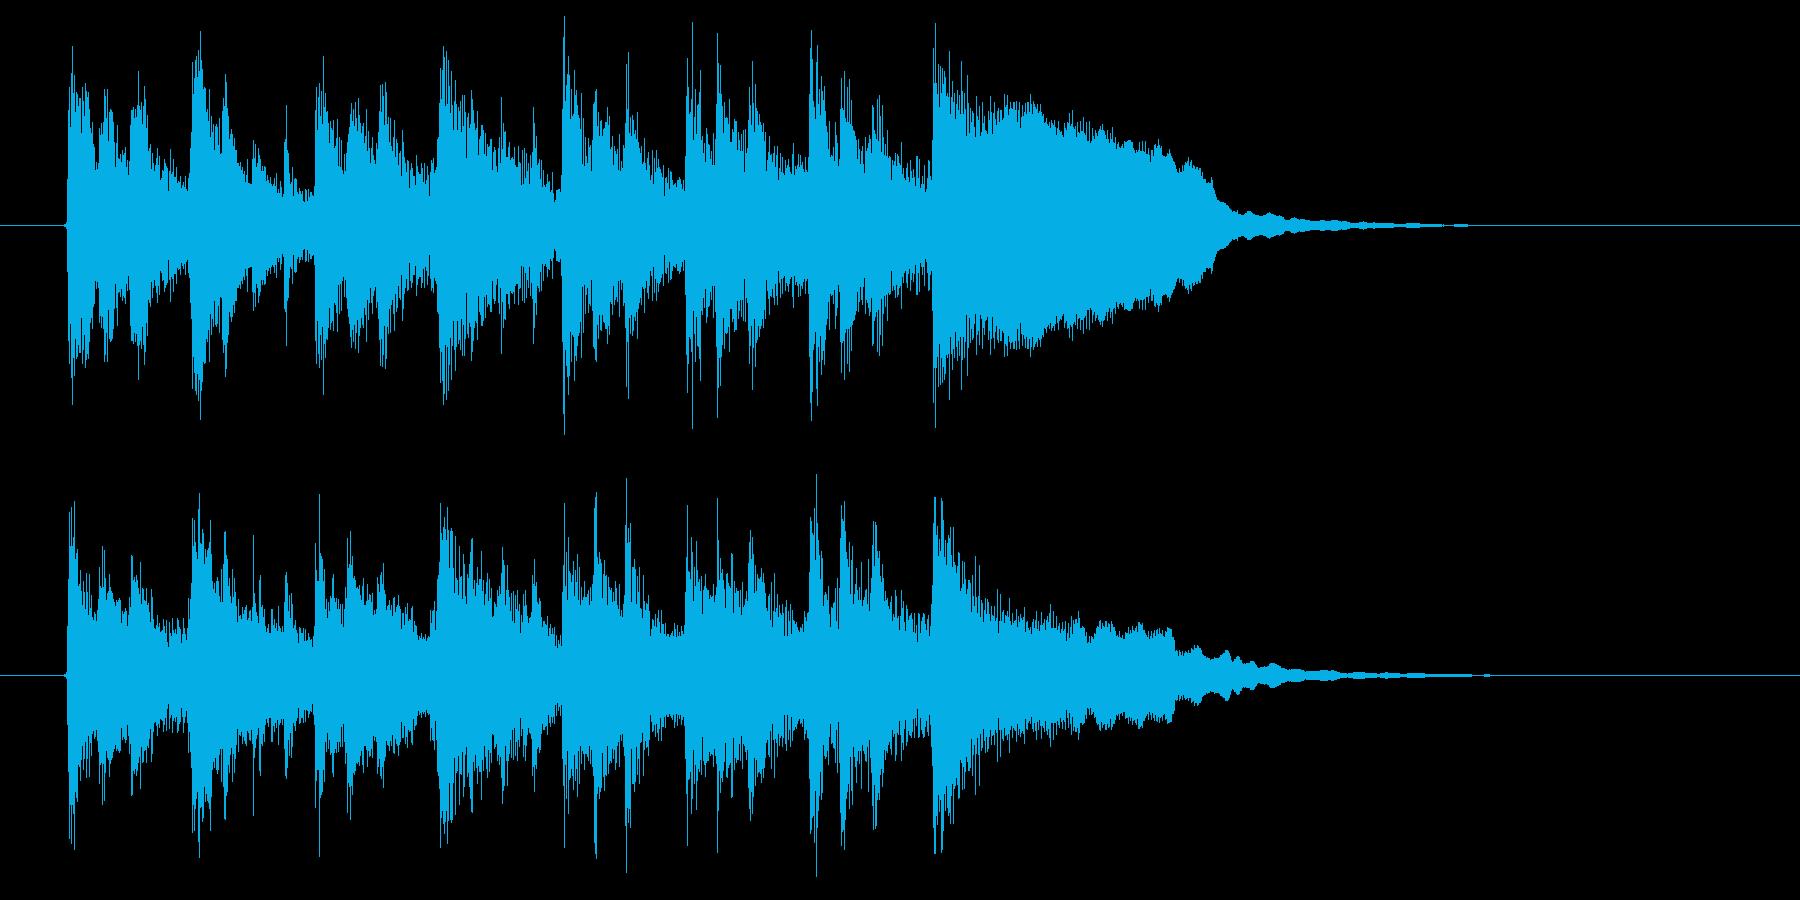 ほのぼのとした和み系BGMの再生済みの波形